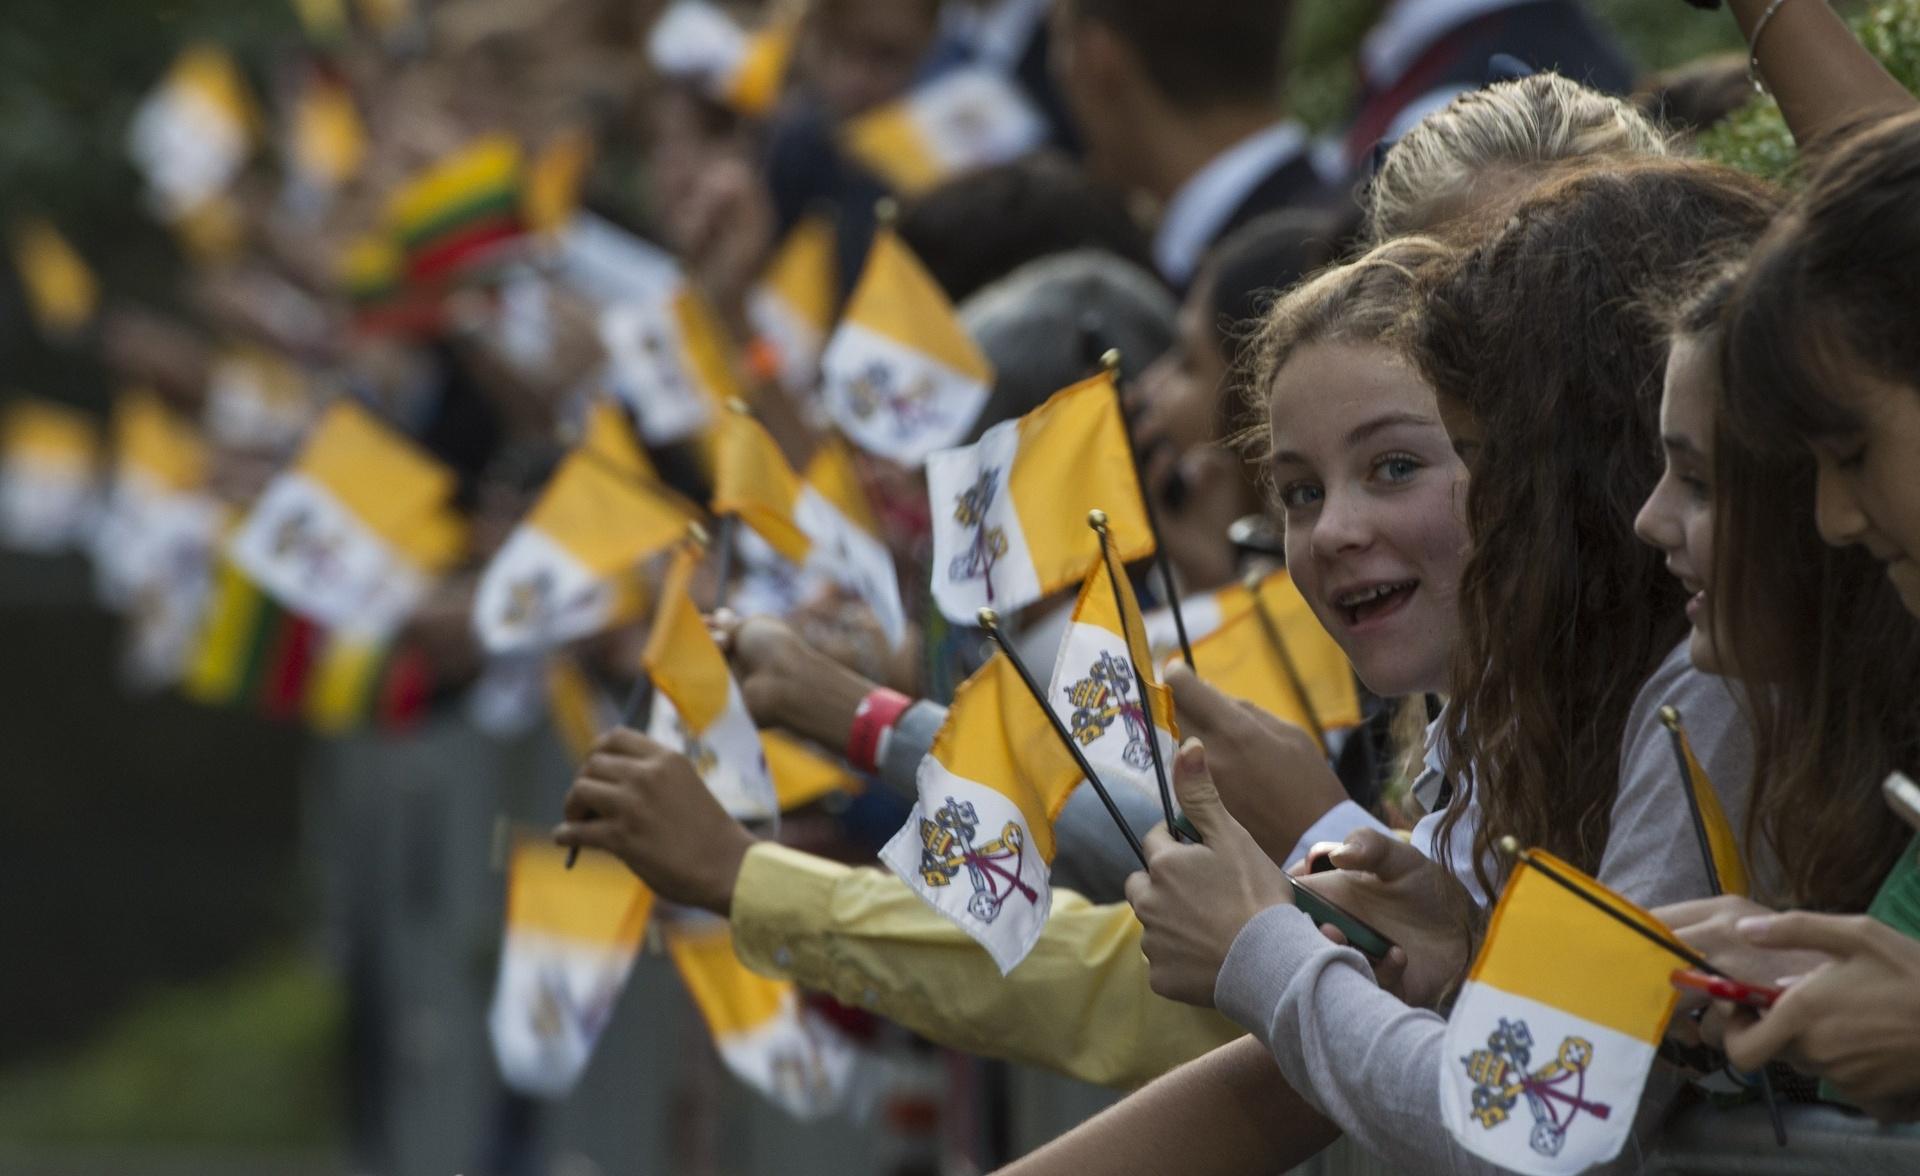 23.set.2015 - Crianças esperam pela chegada do papa Francisco na região do National Mall, em Washington, nos Estados Unidos, balançando bandeirinhas com o símbolo do Vaticano